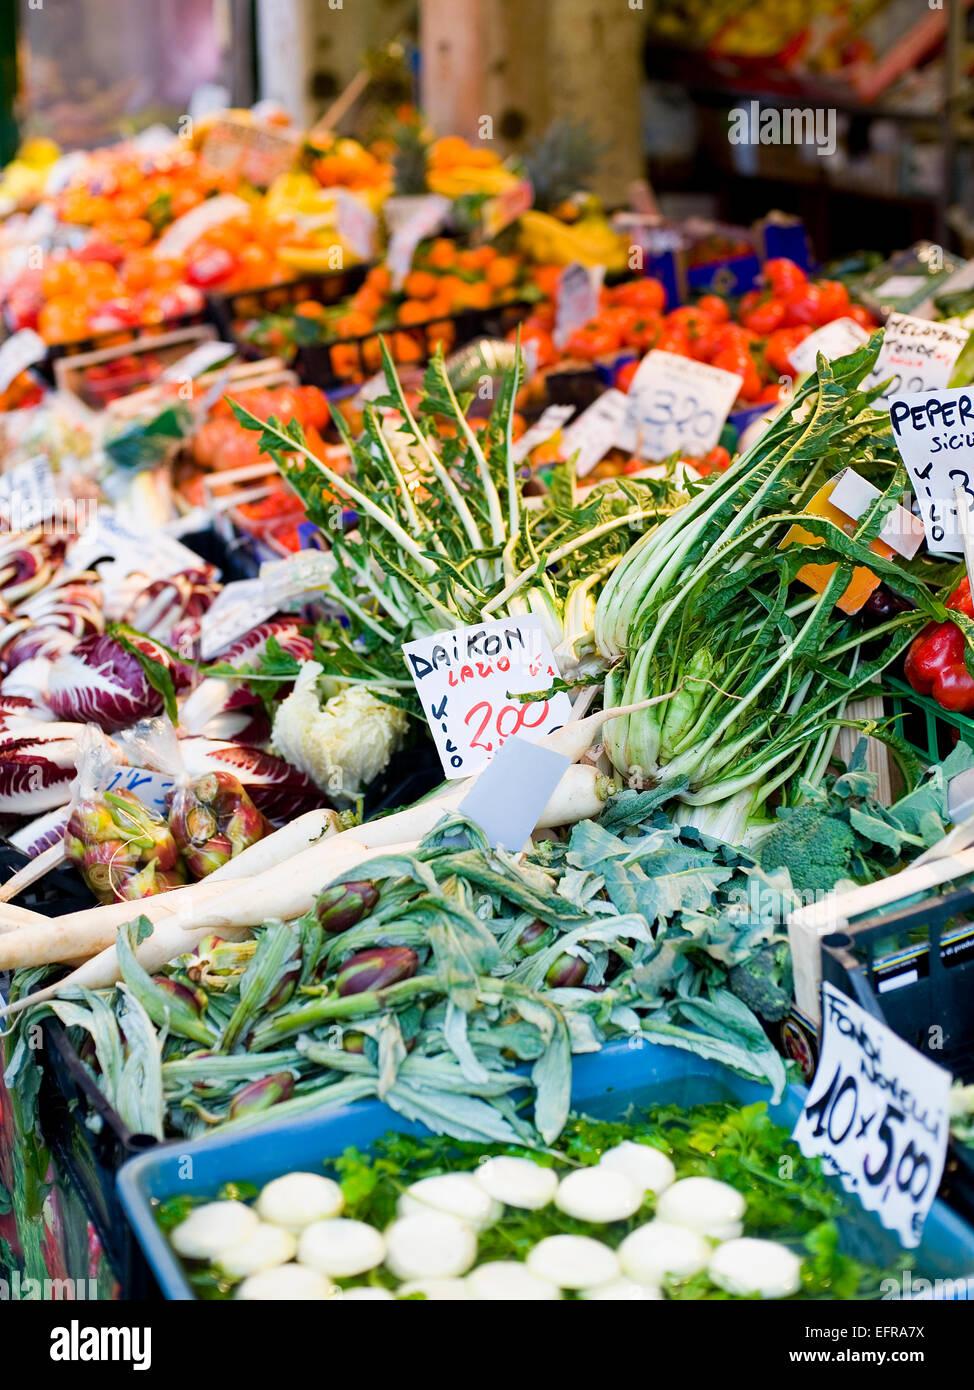 Un mercato in stallo laden con verdure fresche a Rialto Mercato alimentare. Immagini Stock